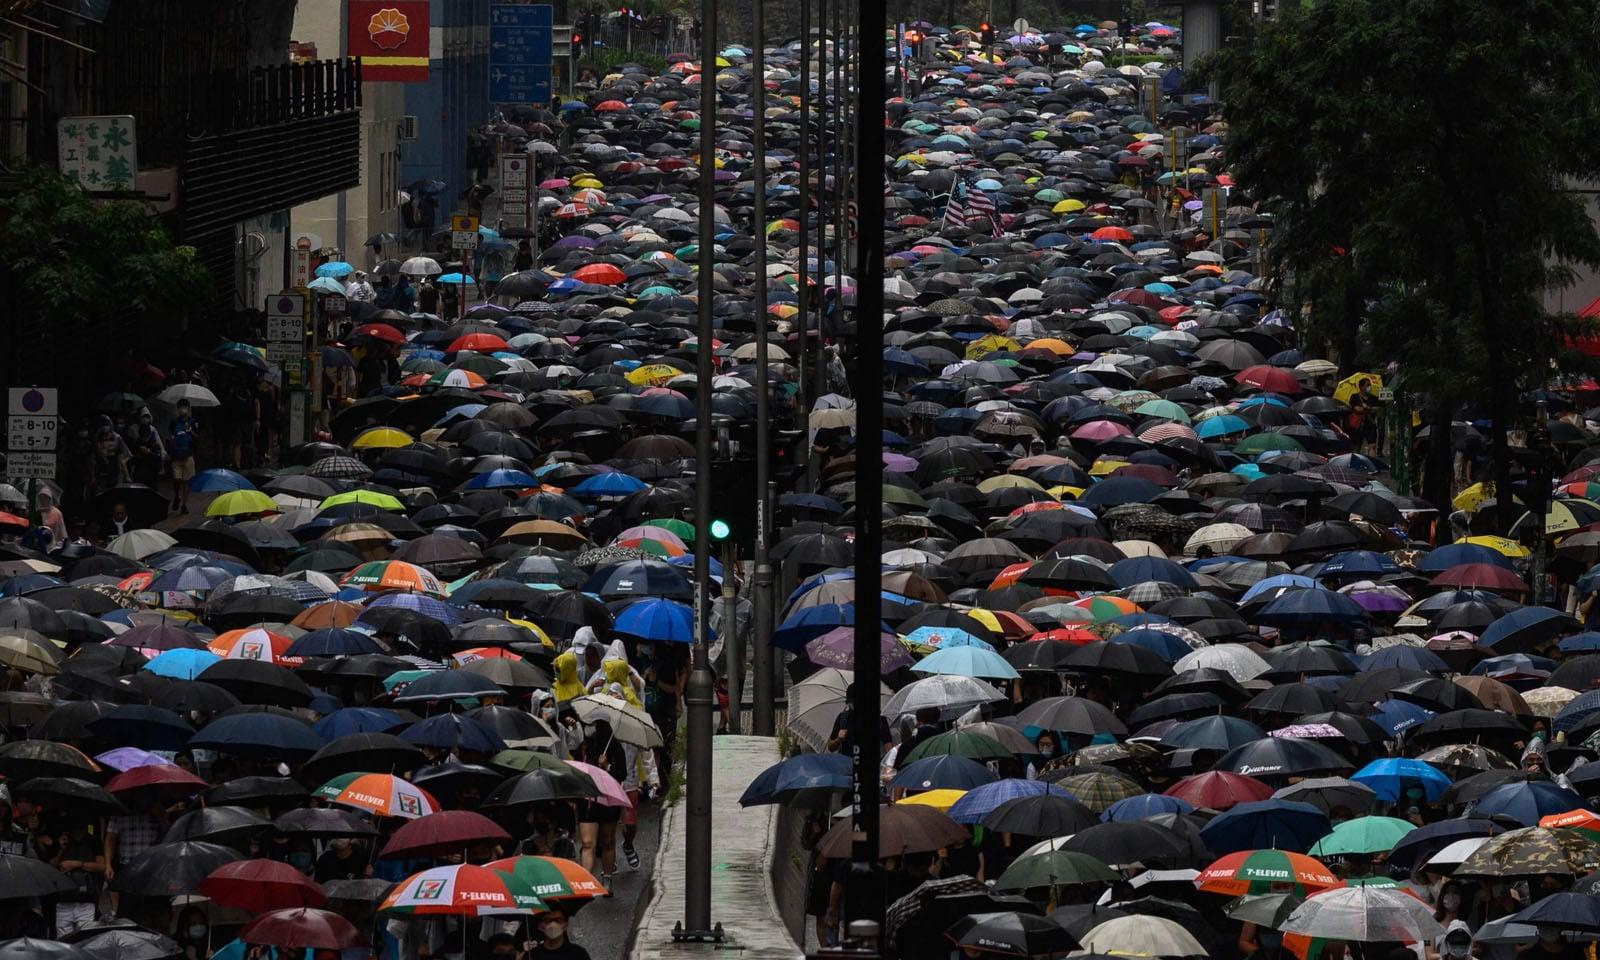 ہانگ کانگ میں مظاہرین کی تعداد میں مسلسل اضافہ ہورہا ہے—فوٹو: اےایف پی